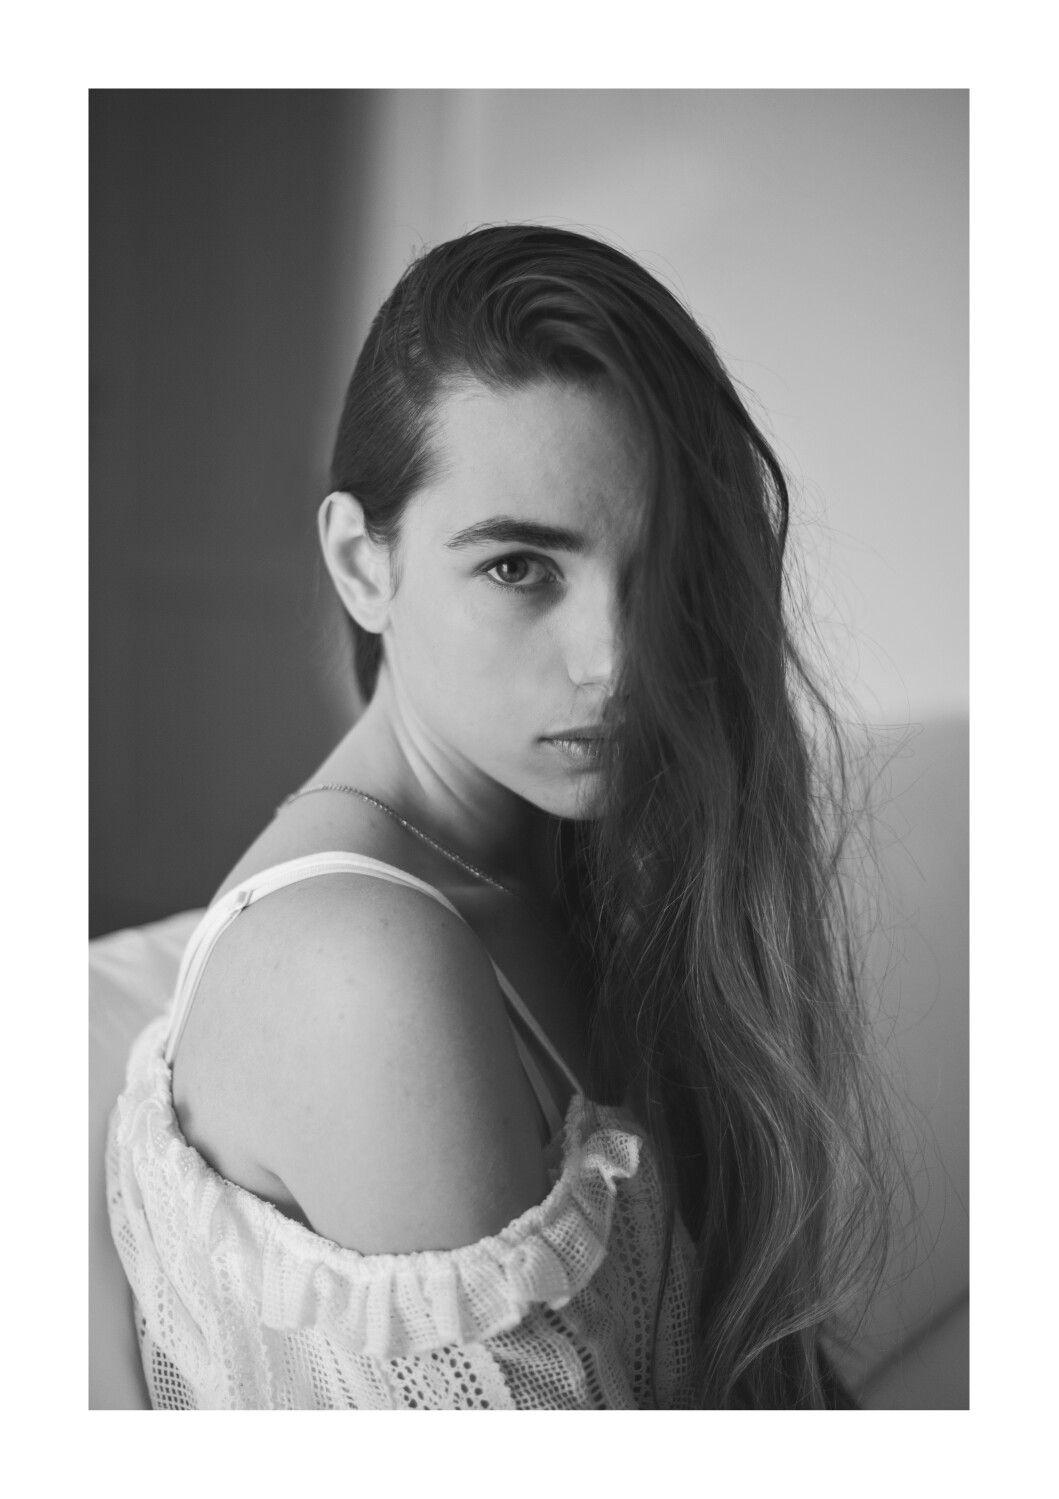 #portraits #ritratto #canon #reflex #canon5DmarkIII #blackandwhite #85mm #model #face